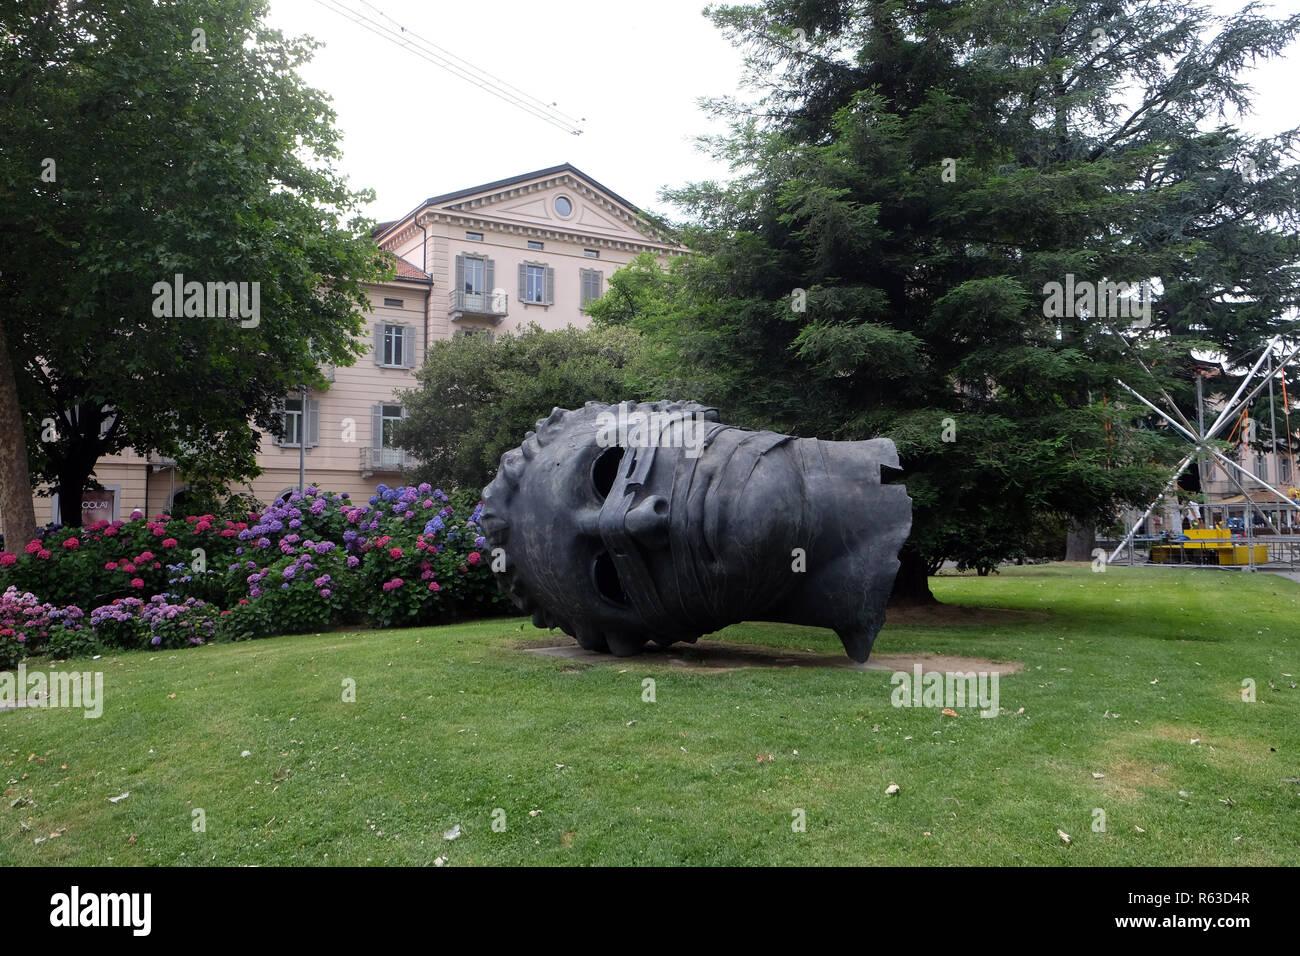 """Celebre monumento a forma di testa denominata """"Eros bendato' artista Igor Mitoraj a Lugano, Svizzera Immagini Stock"""